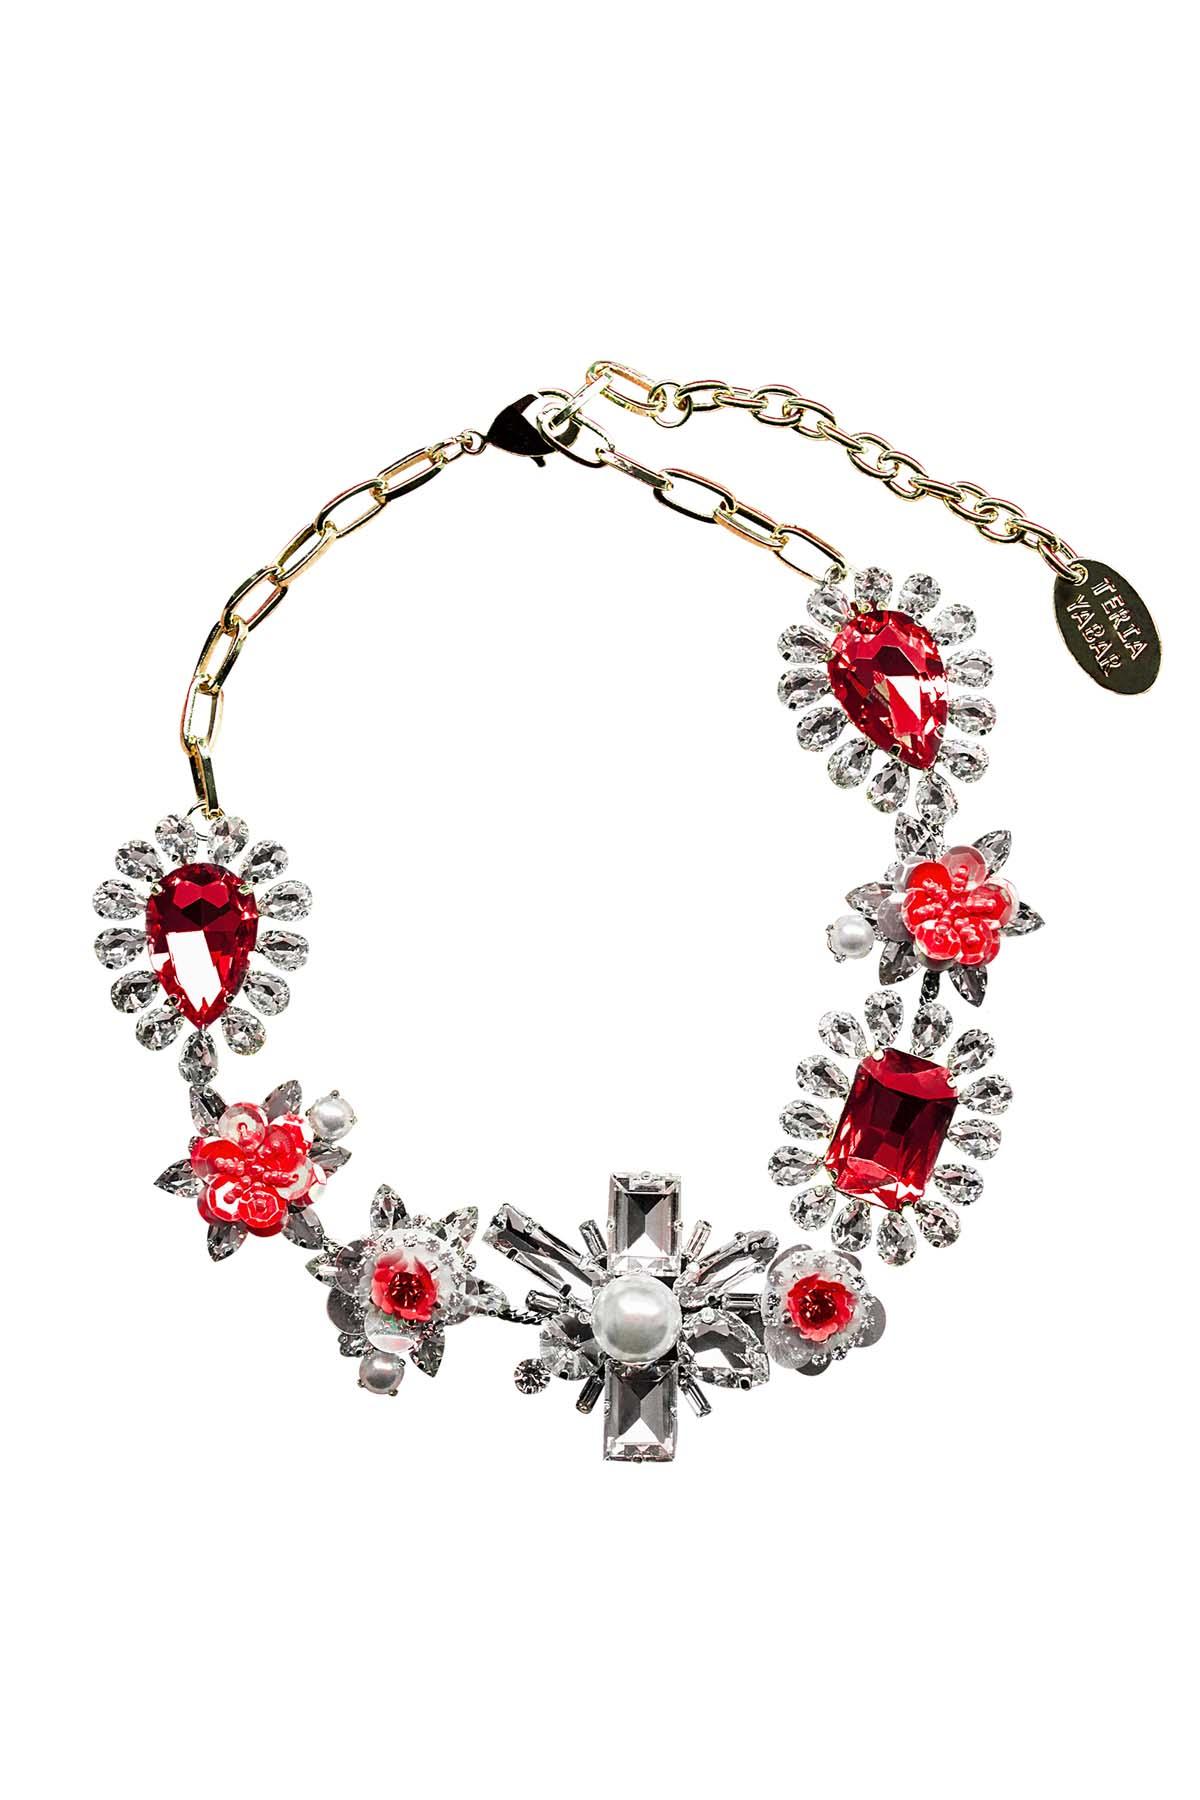 Teria Yabar - Collar de cristales y flores rojas